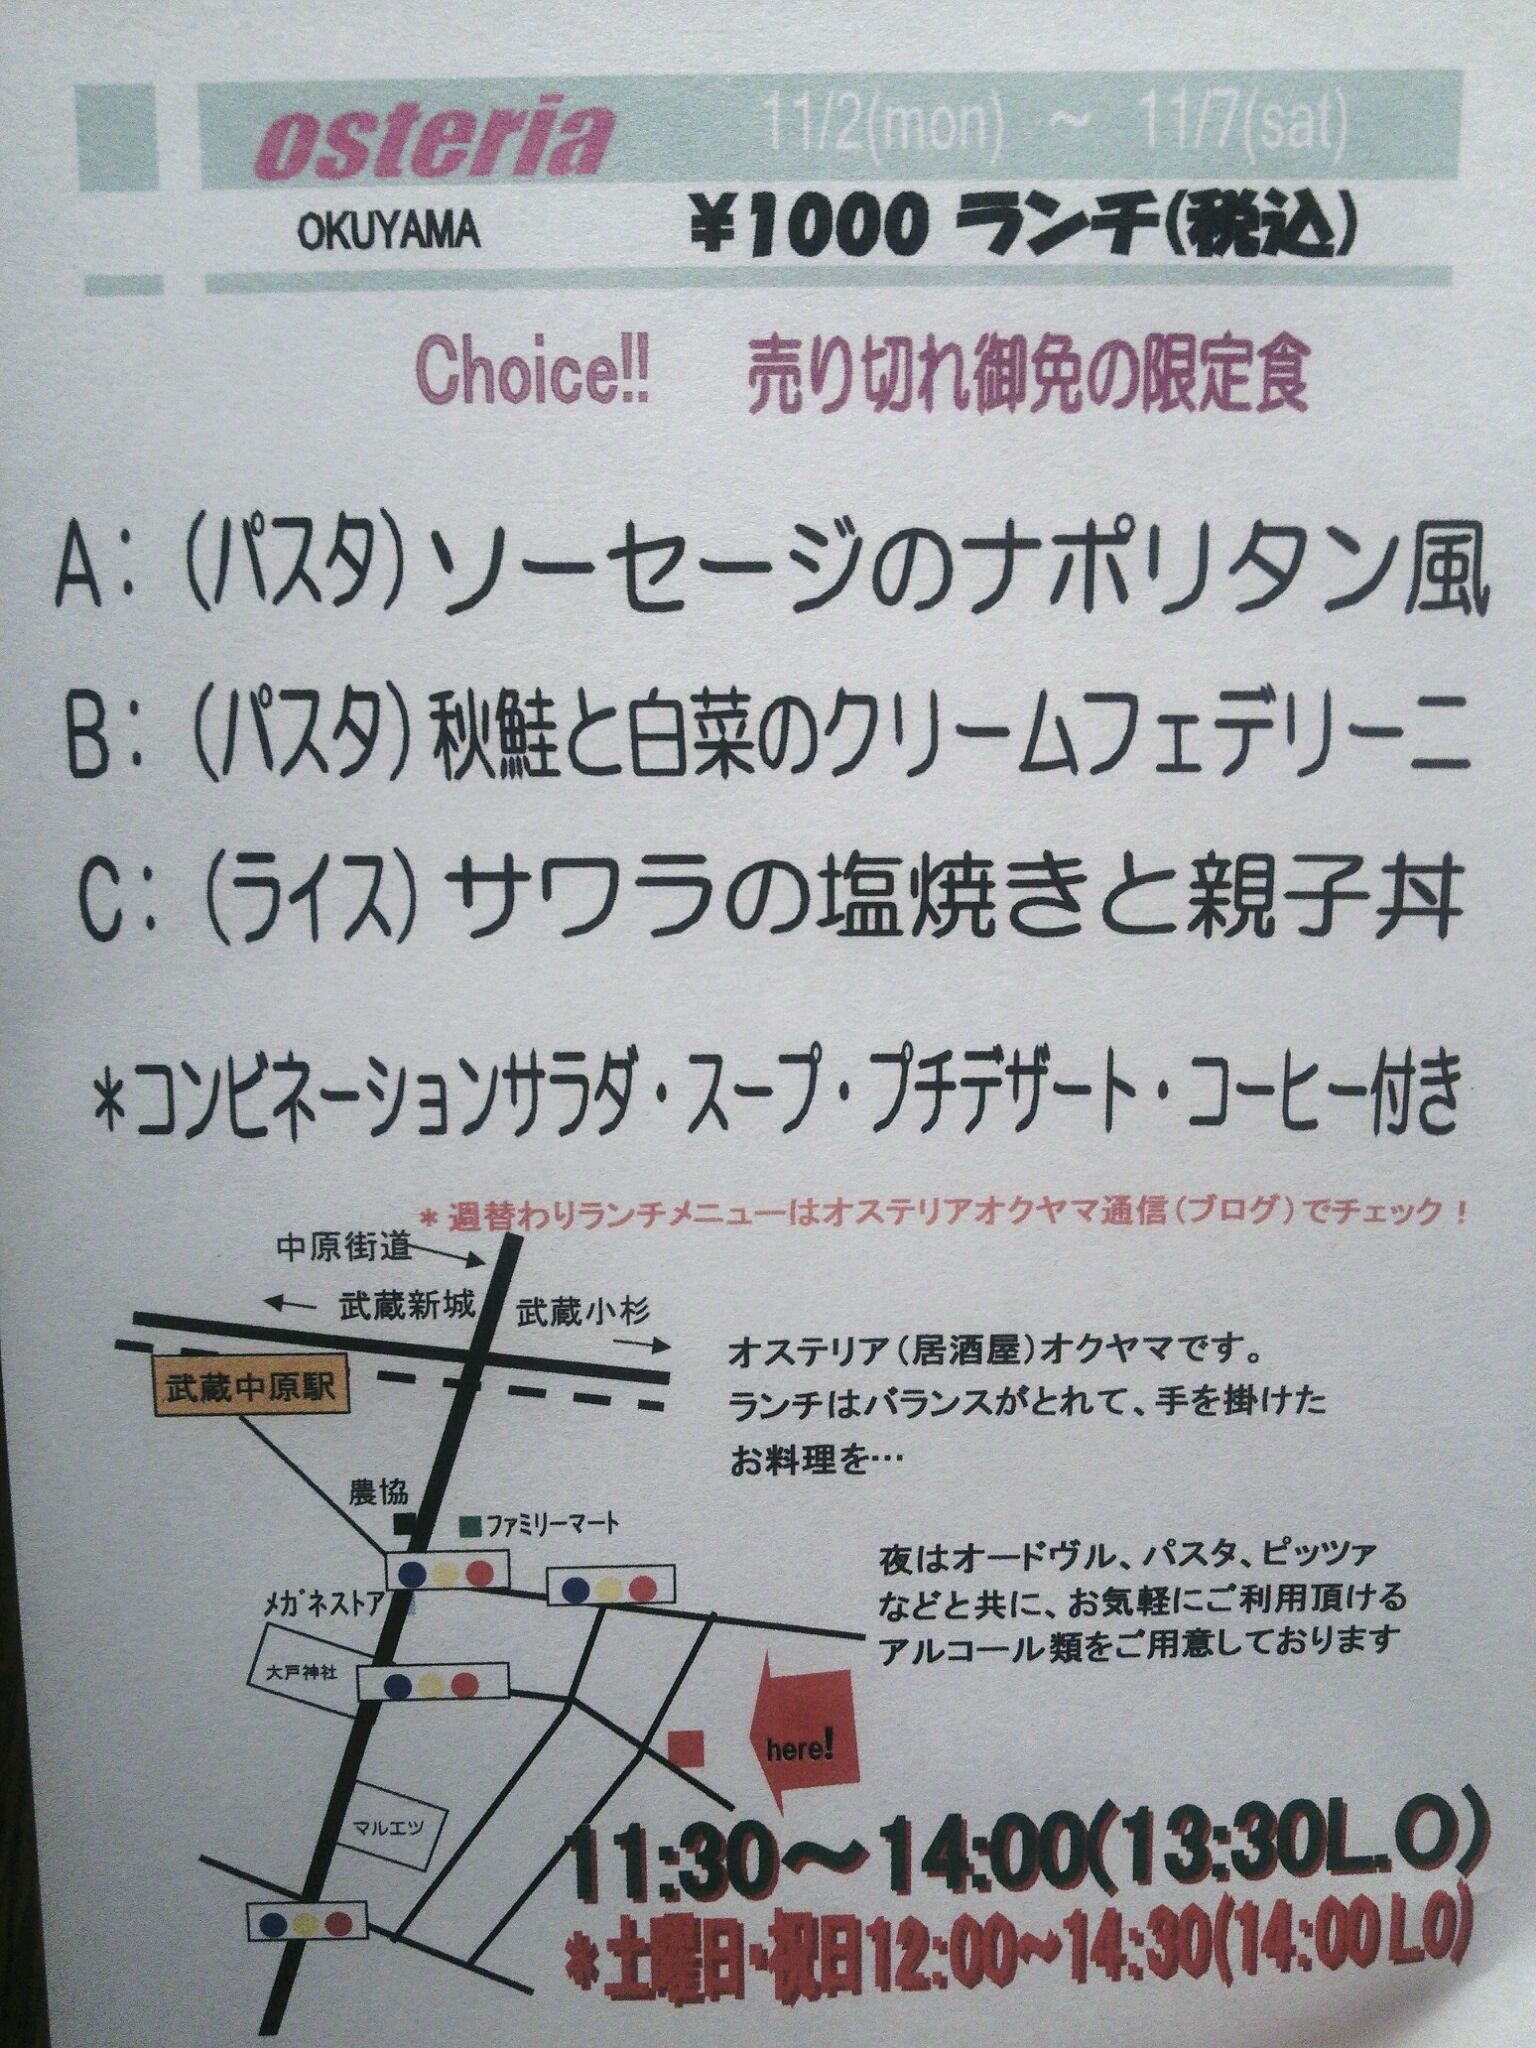 11/2(月)〜11/7(土)ランチ